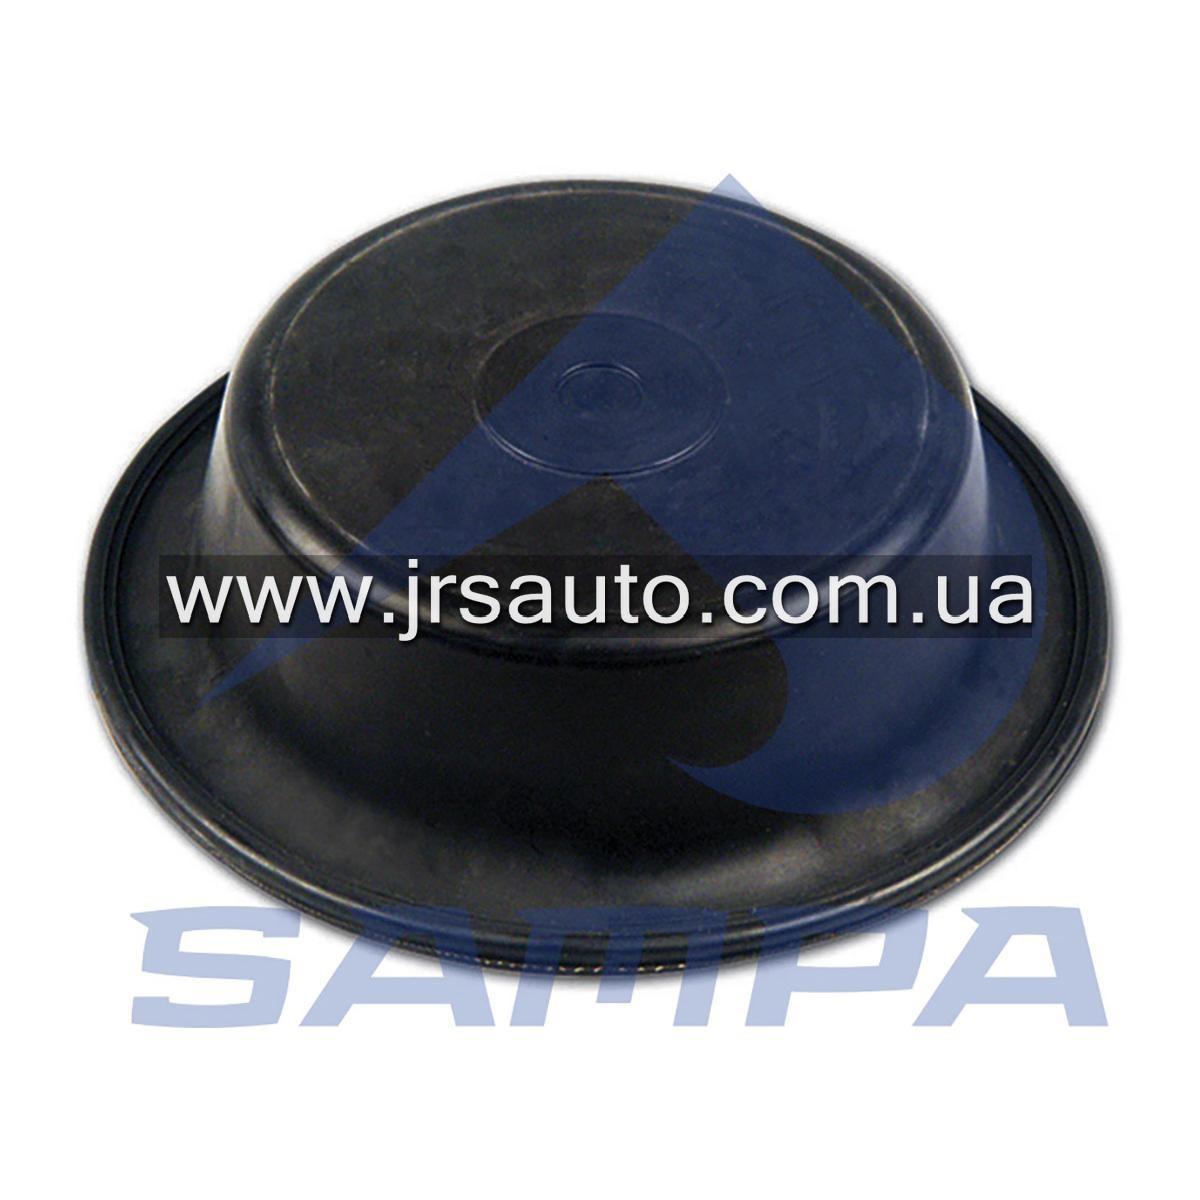 Мембрана камеры тормозной тип-30 (глубокая) MAN \095.113